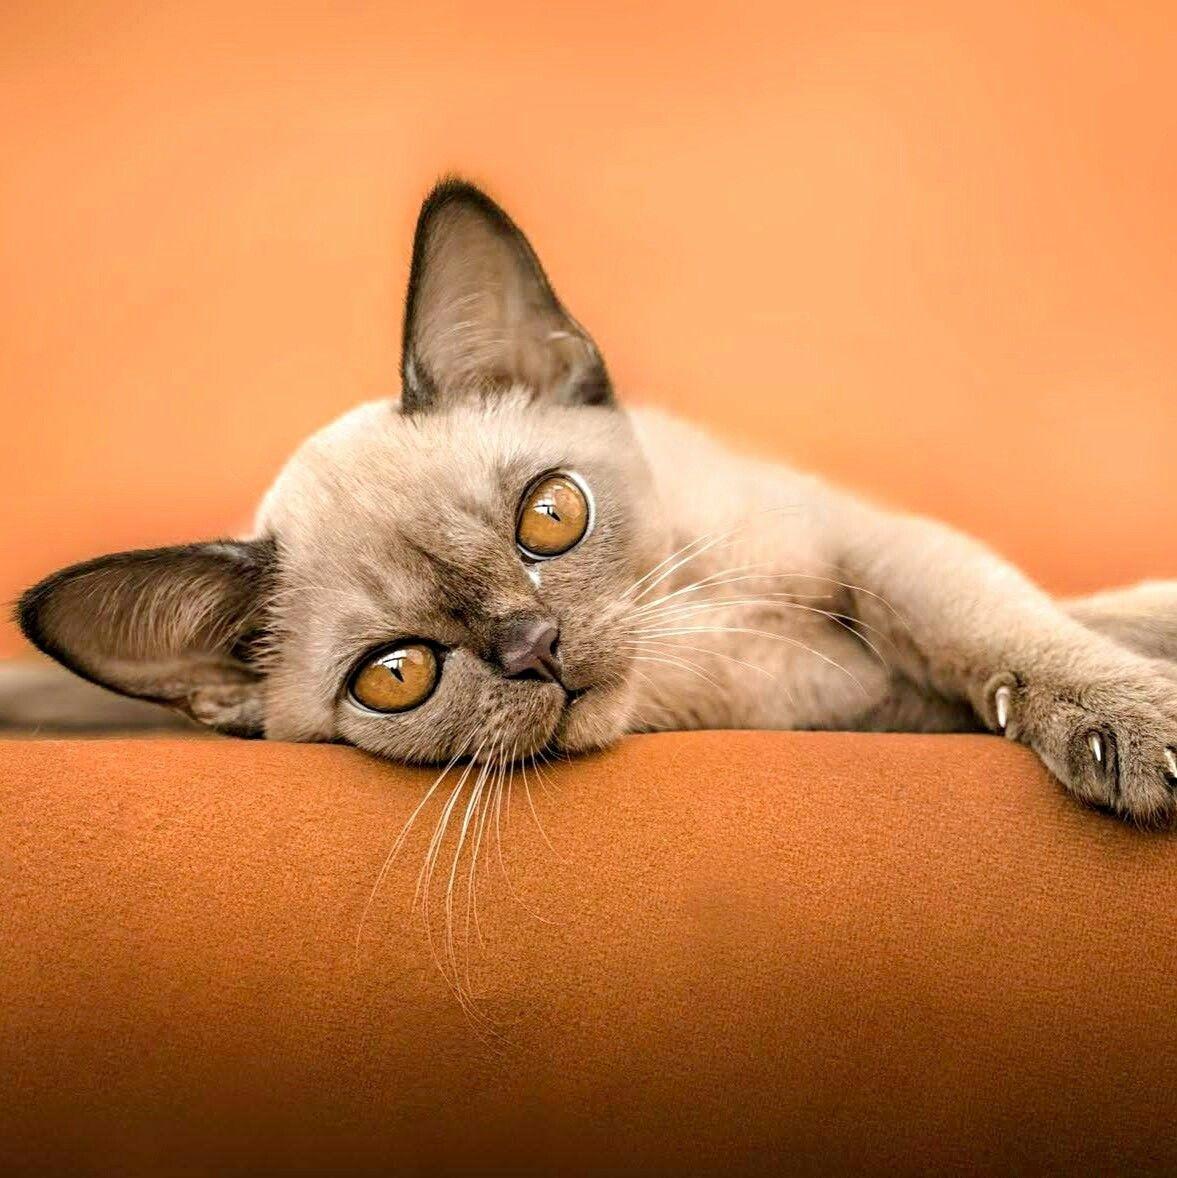 Cats By Nanette Kelley On Kitty Power Pretty Cats Feline